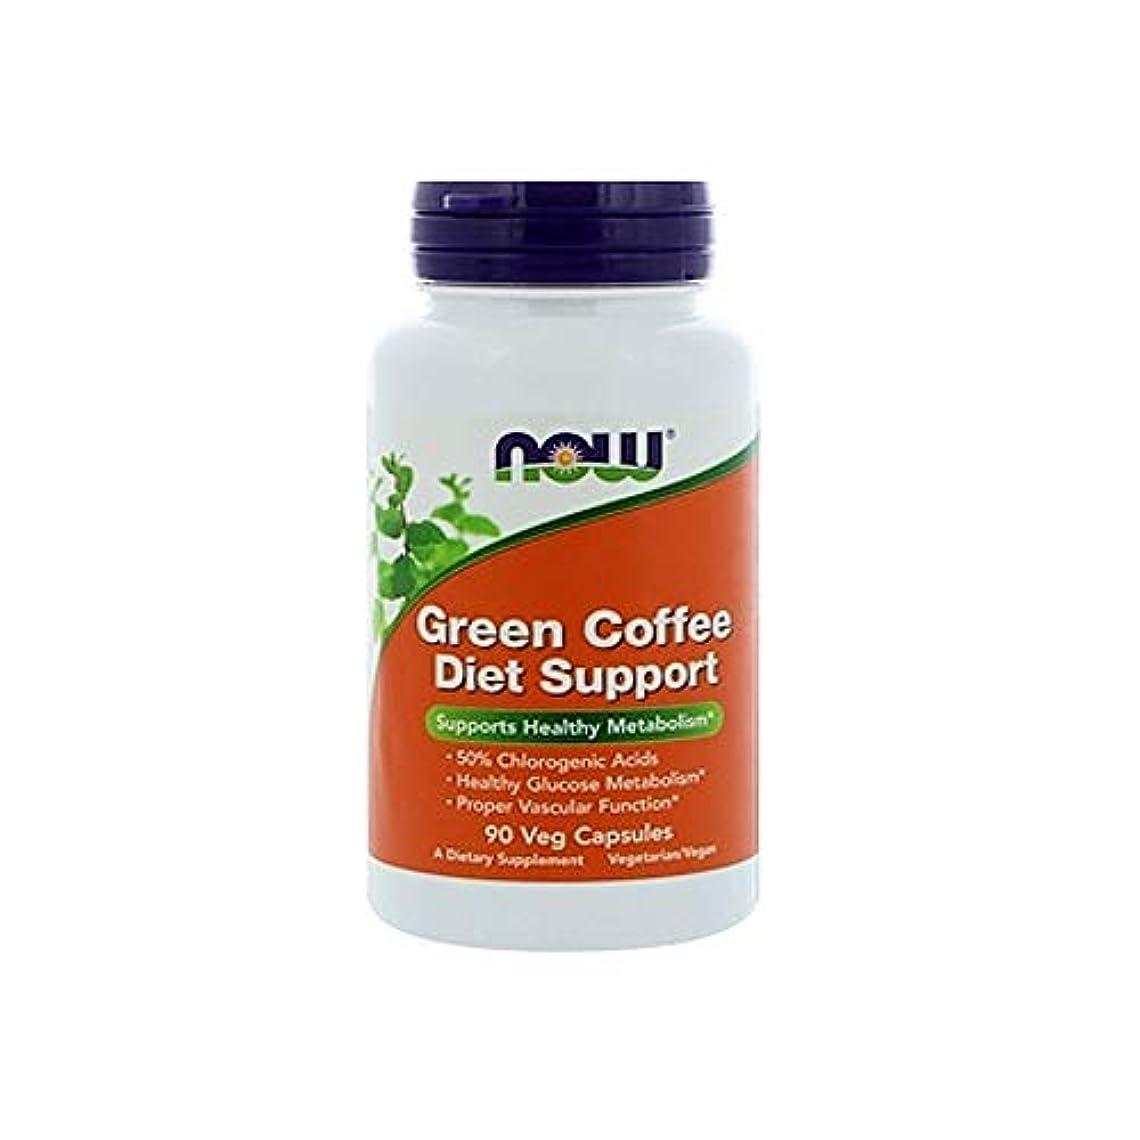 着陸無線失態[海外直送品] ナウフーズ グリーンコーヒー ダイエットサポート(クロロゲン酸含有) 90粒